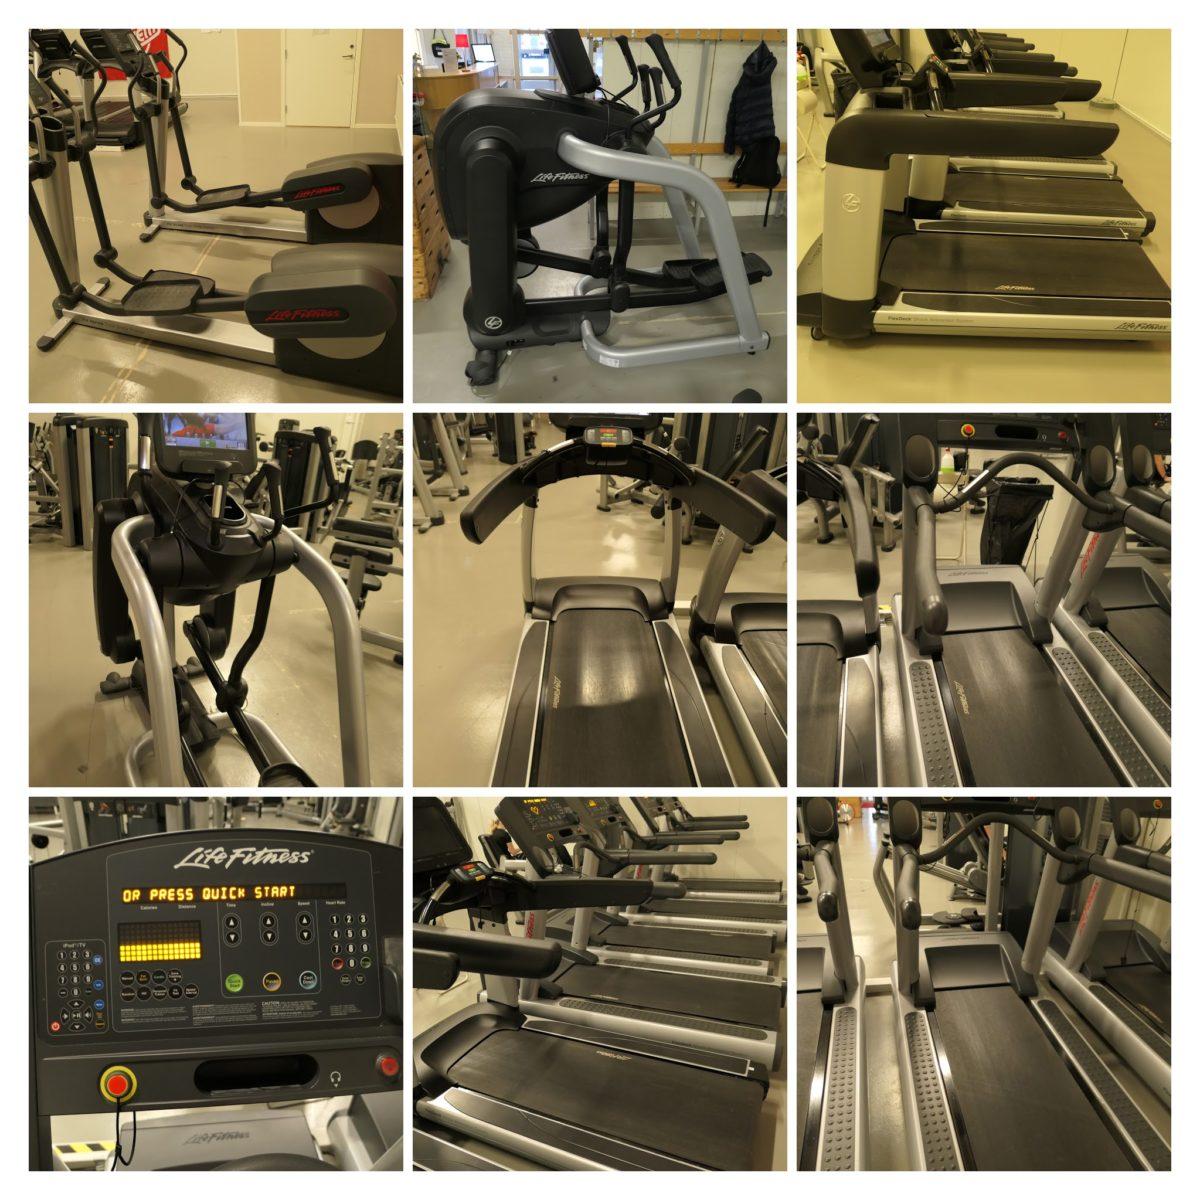 begagnad gymutrustning säljes